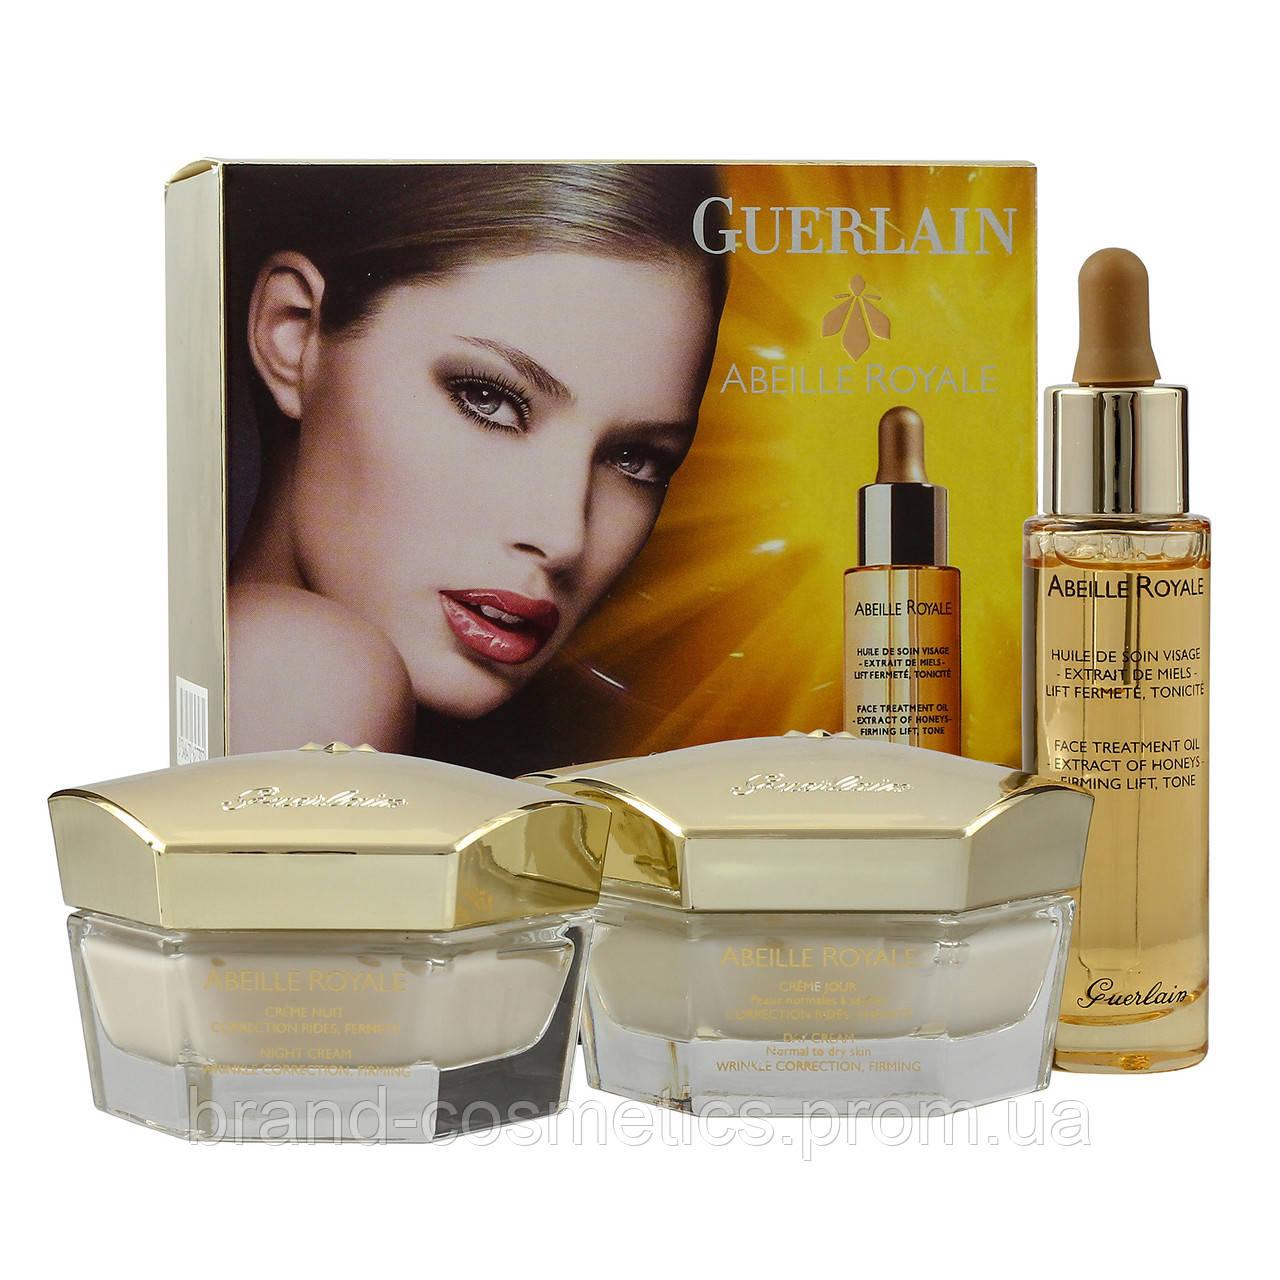 Набор кремов Guerlain Abeille Royale (примятая упаковка)